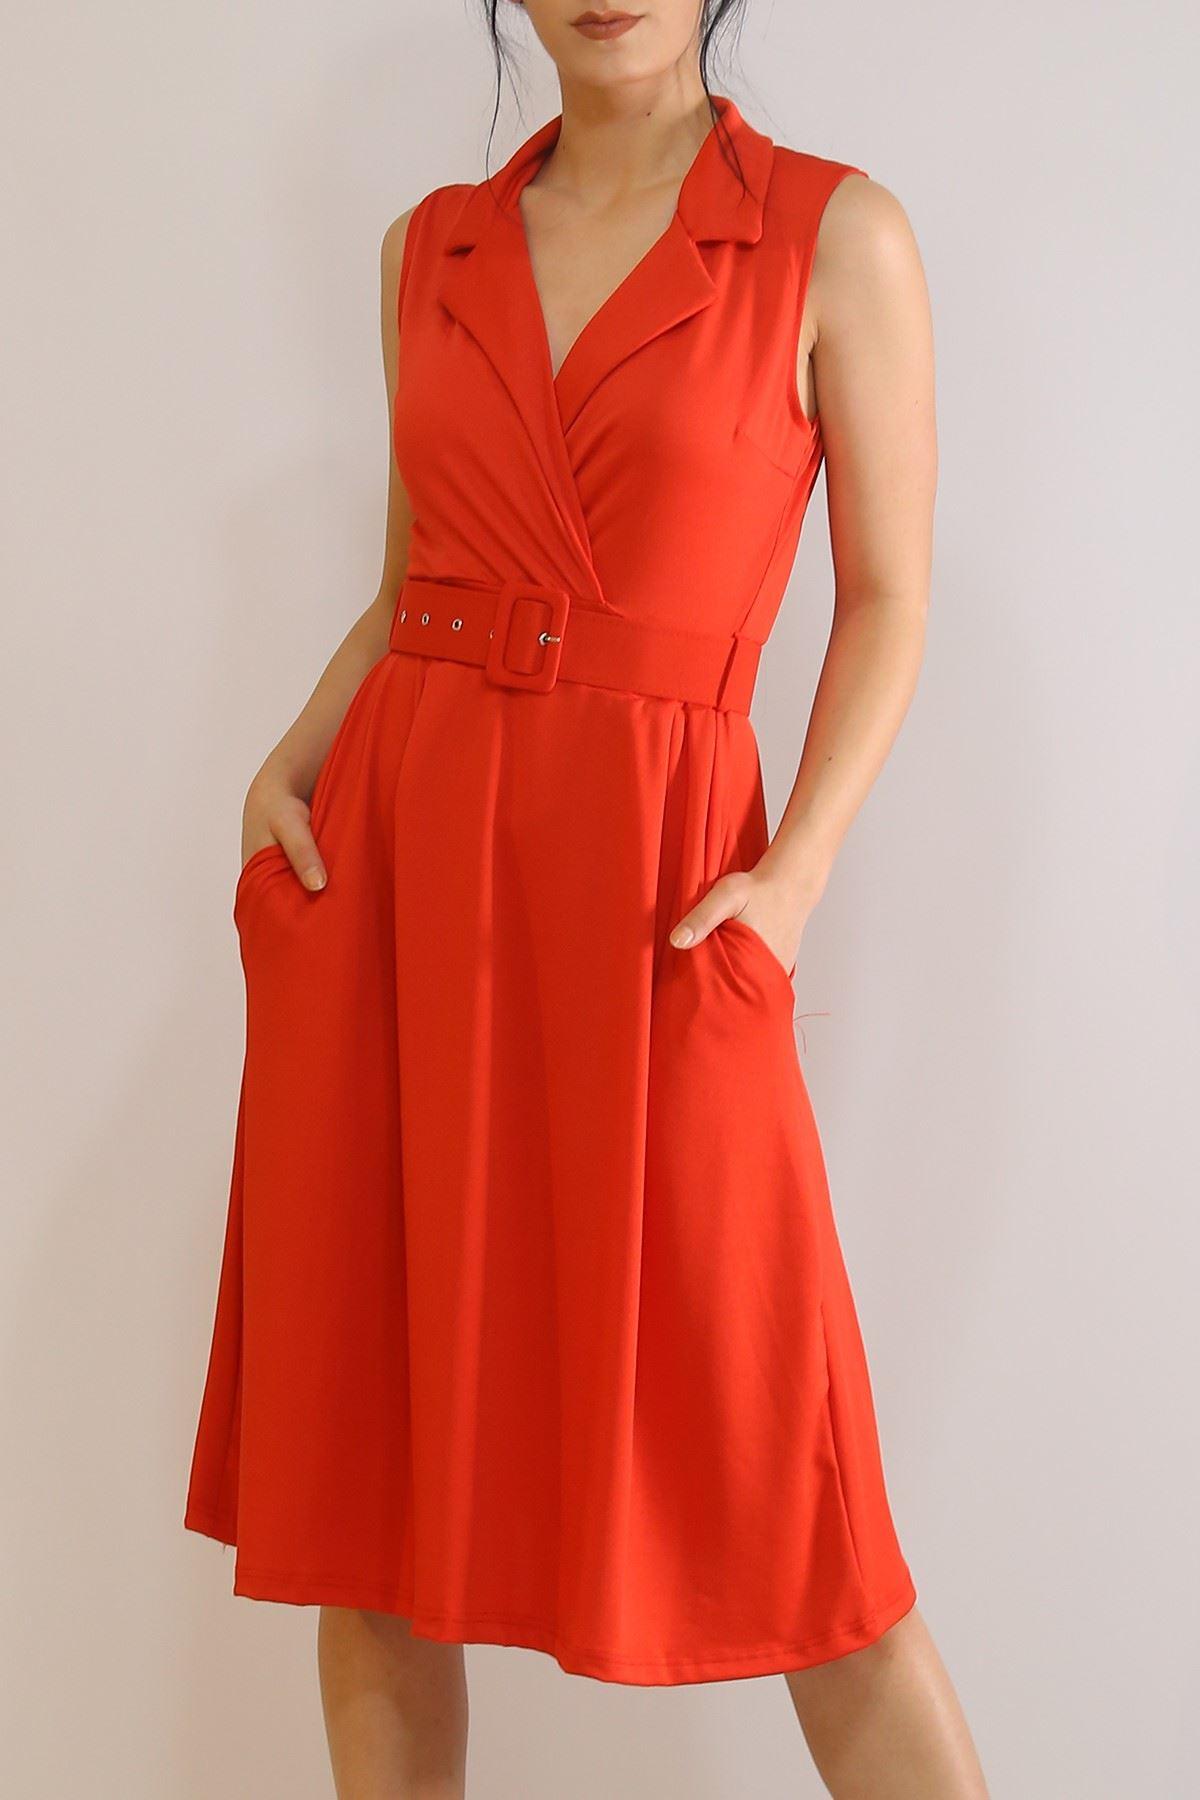 Kruvaze Kemerli Elbise Kırmızı - 5898.1269.